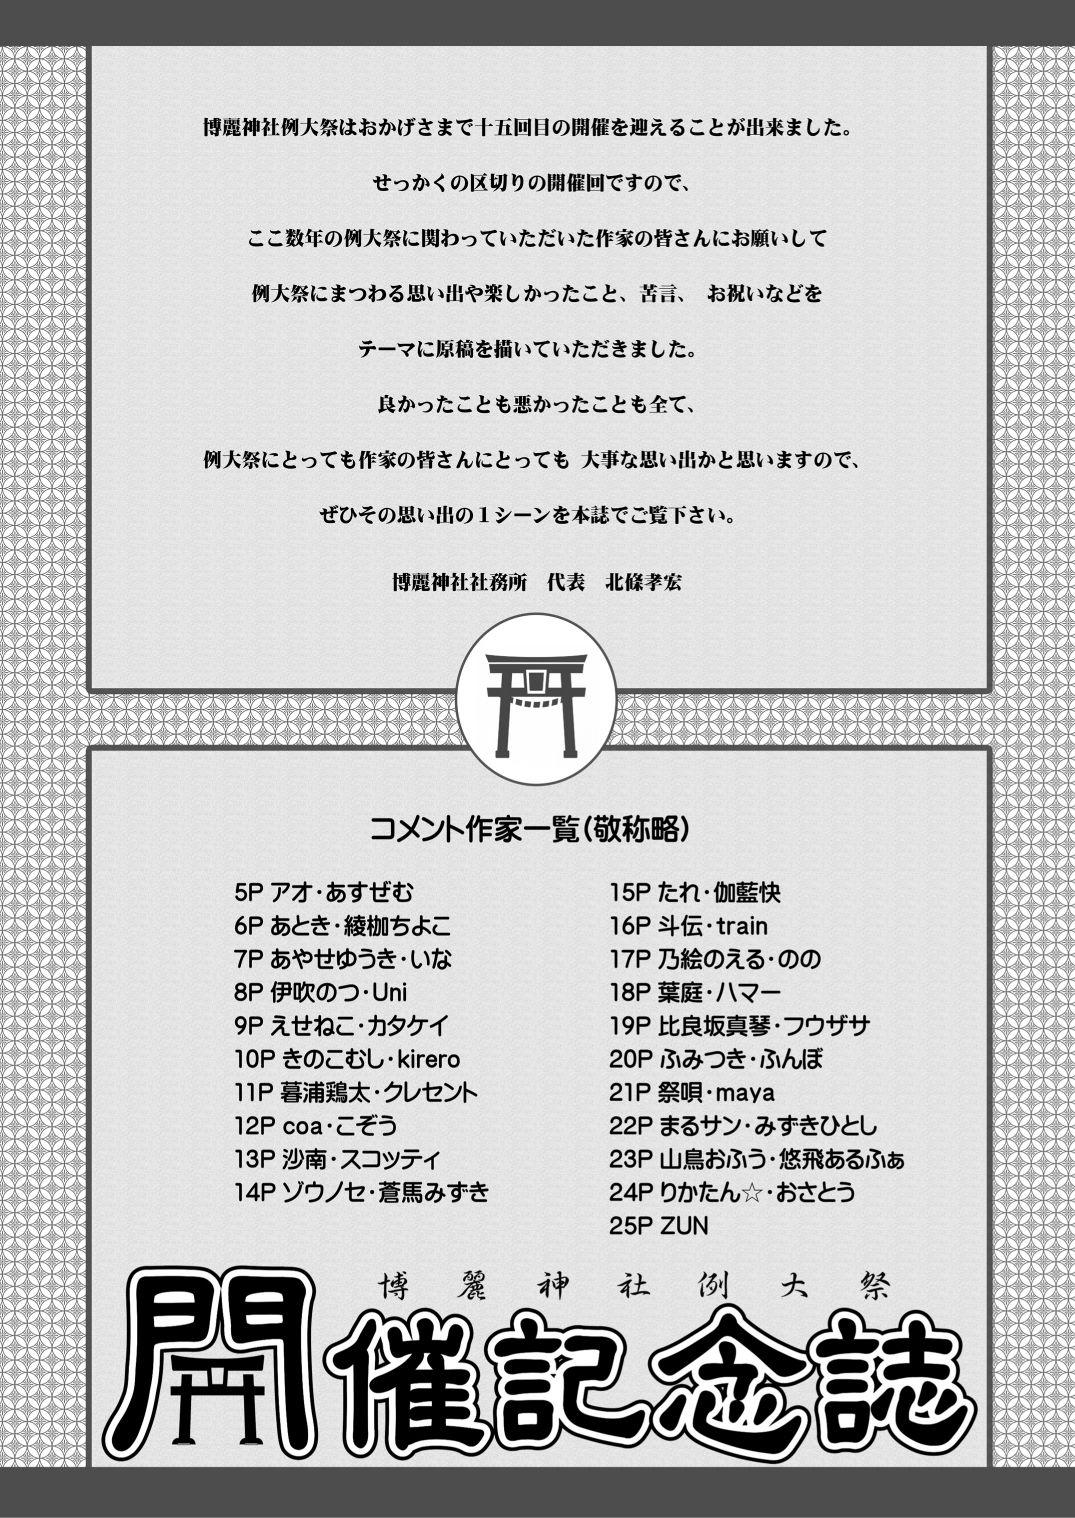 【博麗神社社務所 同人】第十五回博麗神社例大祭開催記念誌&静岡例大祭壁紙特別支援セット